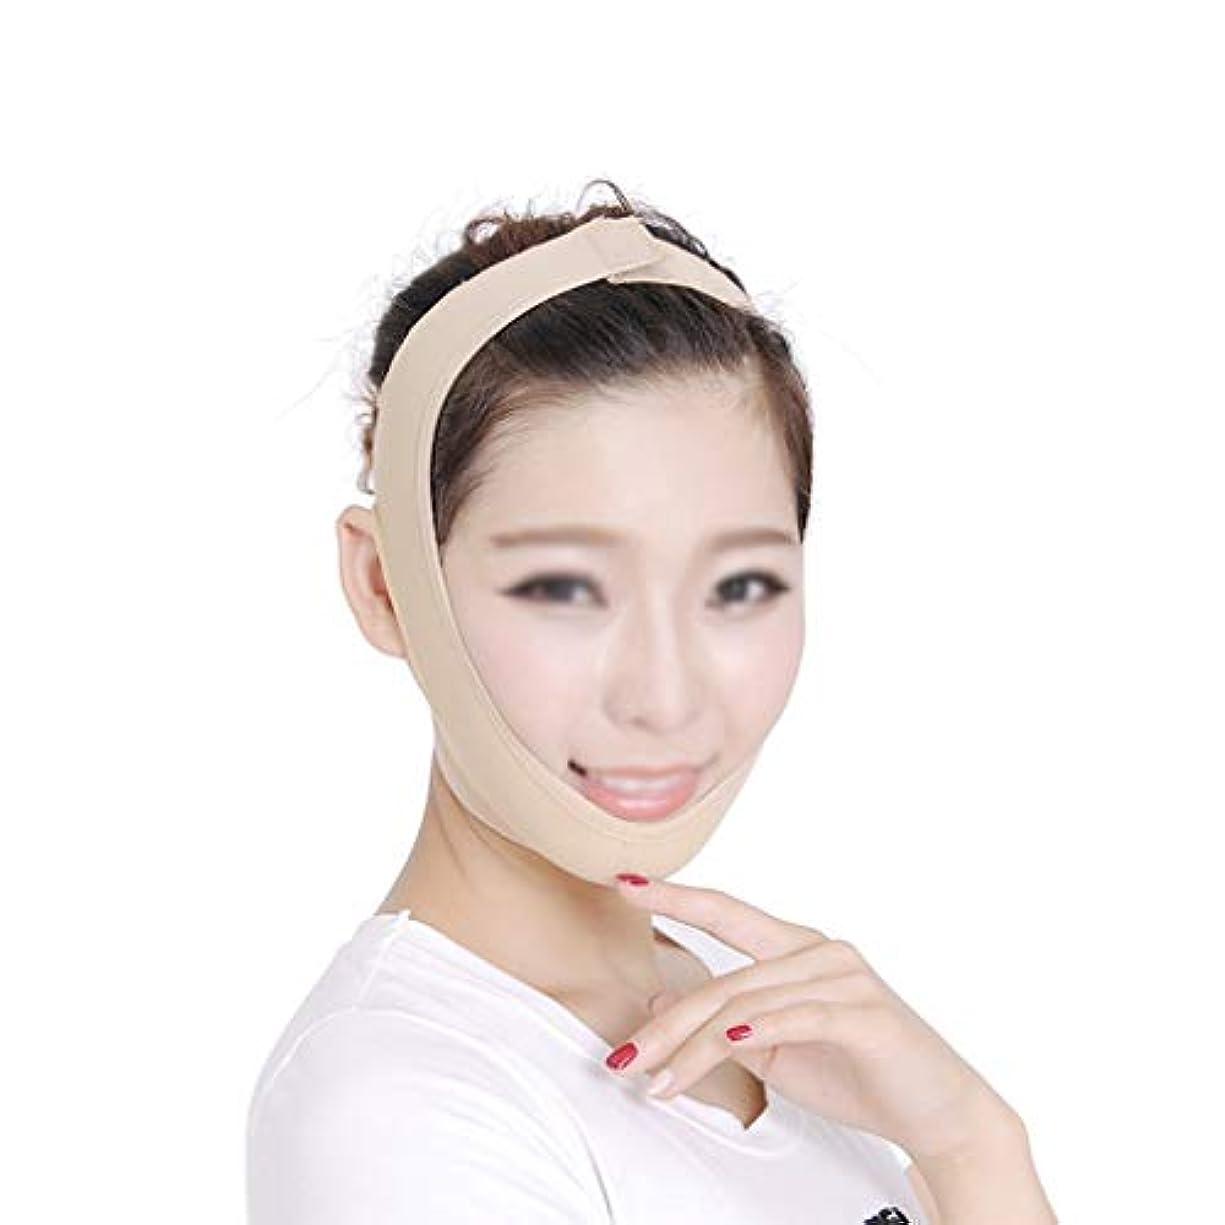 繁栄する反対ビジネスLJK 減量の包帯、顔の持ち上がる包帯、二重あごを減らすために持ち上がるベルトを取除く顔の減量のマスクの持ち上がる表面、フェイスマスク、二重あご (Color : Yellow pink, Size : XXL)